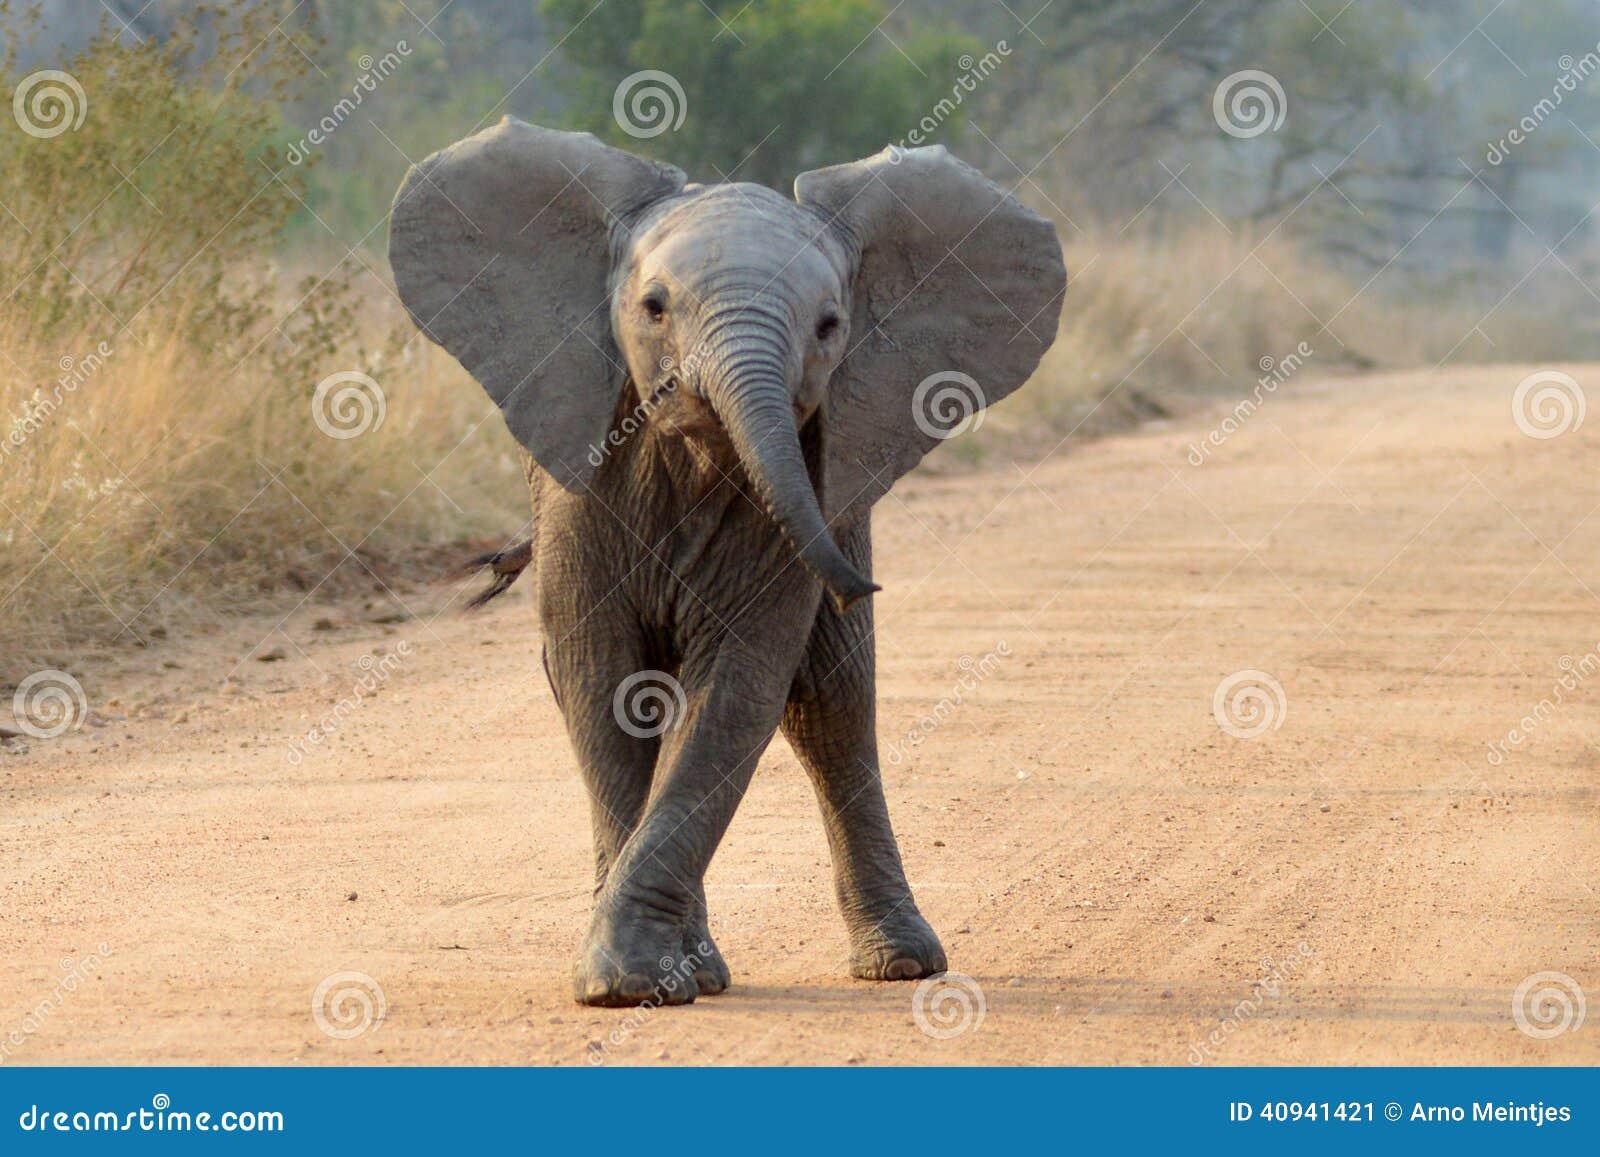 Afrykański słoń loxodonta africana krzaka